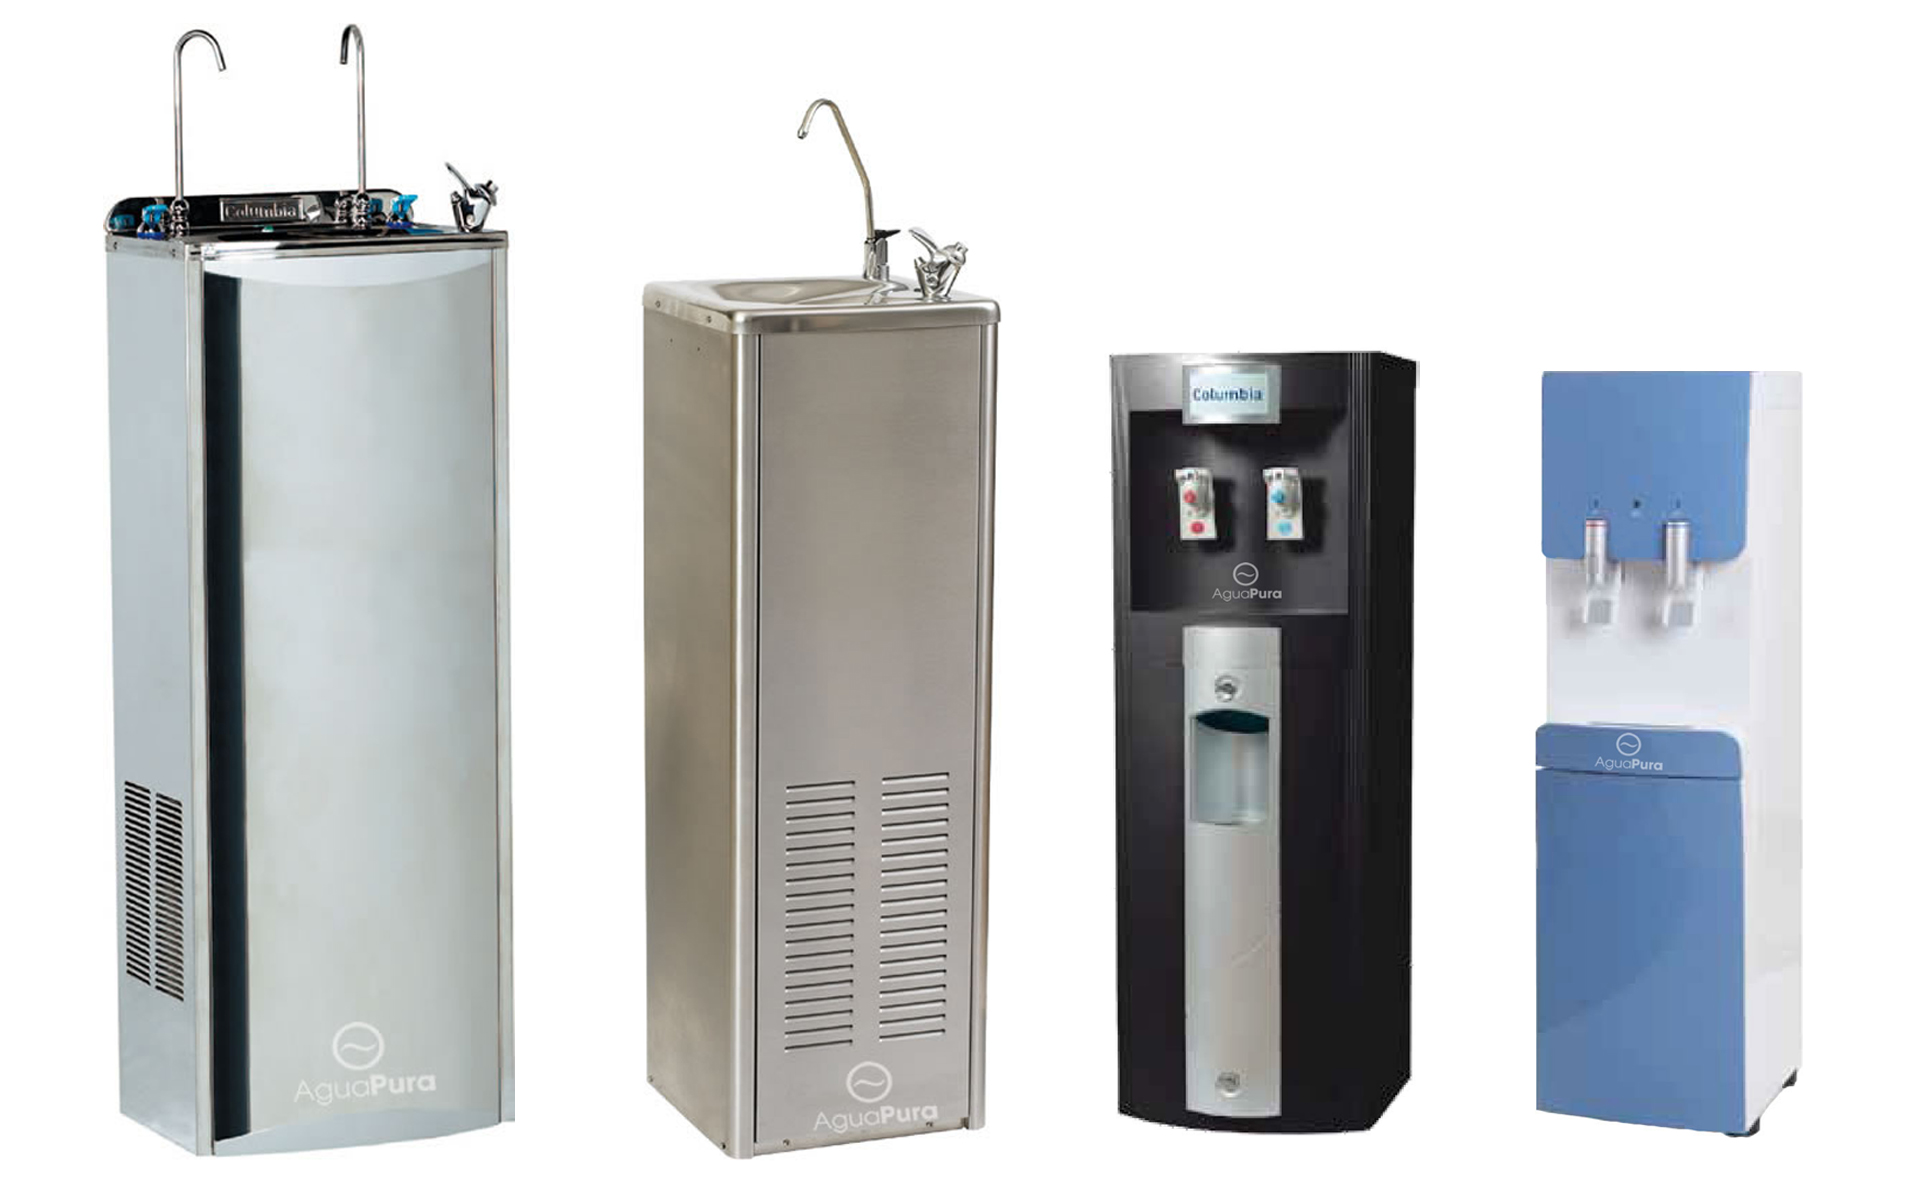 Dispensadores y fuentes de agua aguavip tarifas planas y - Comprar fuente de agua ...